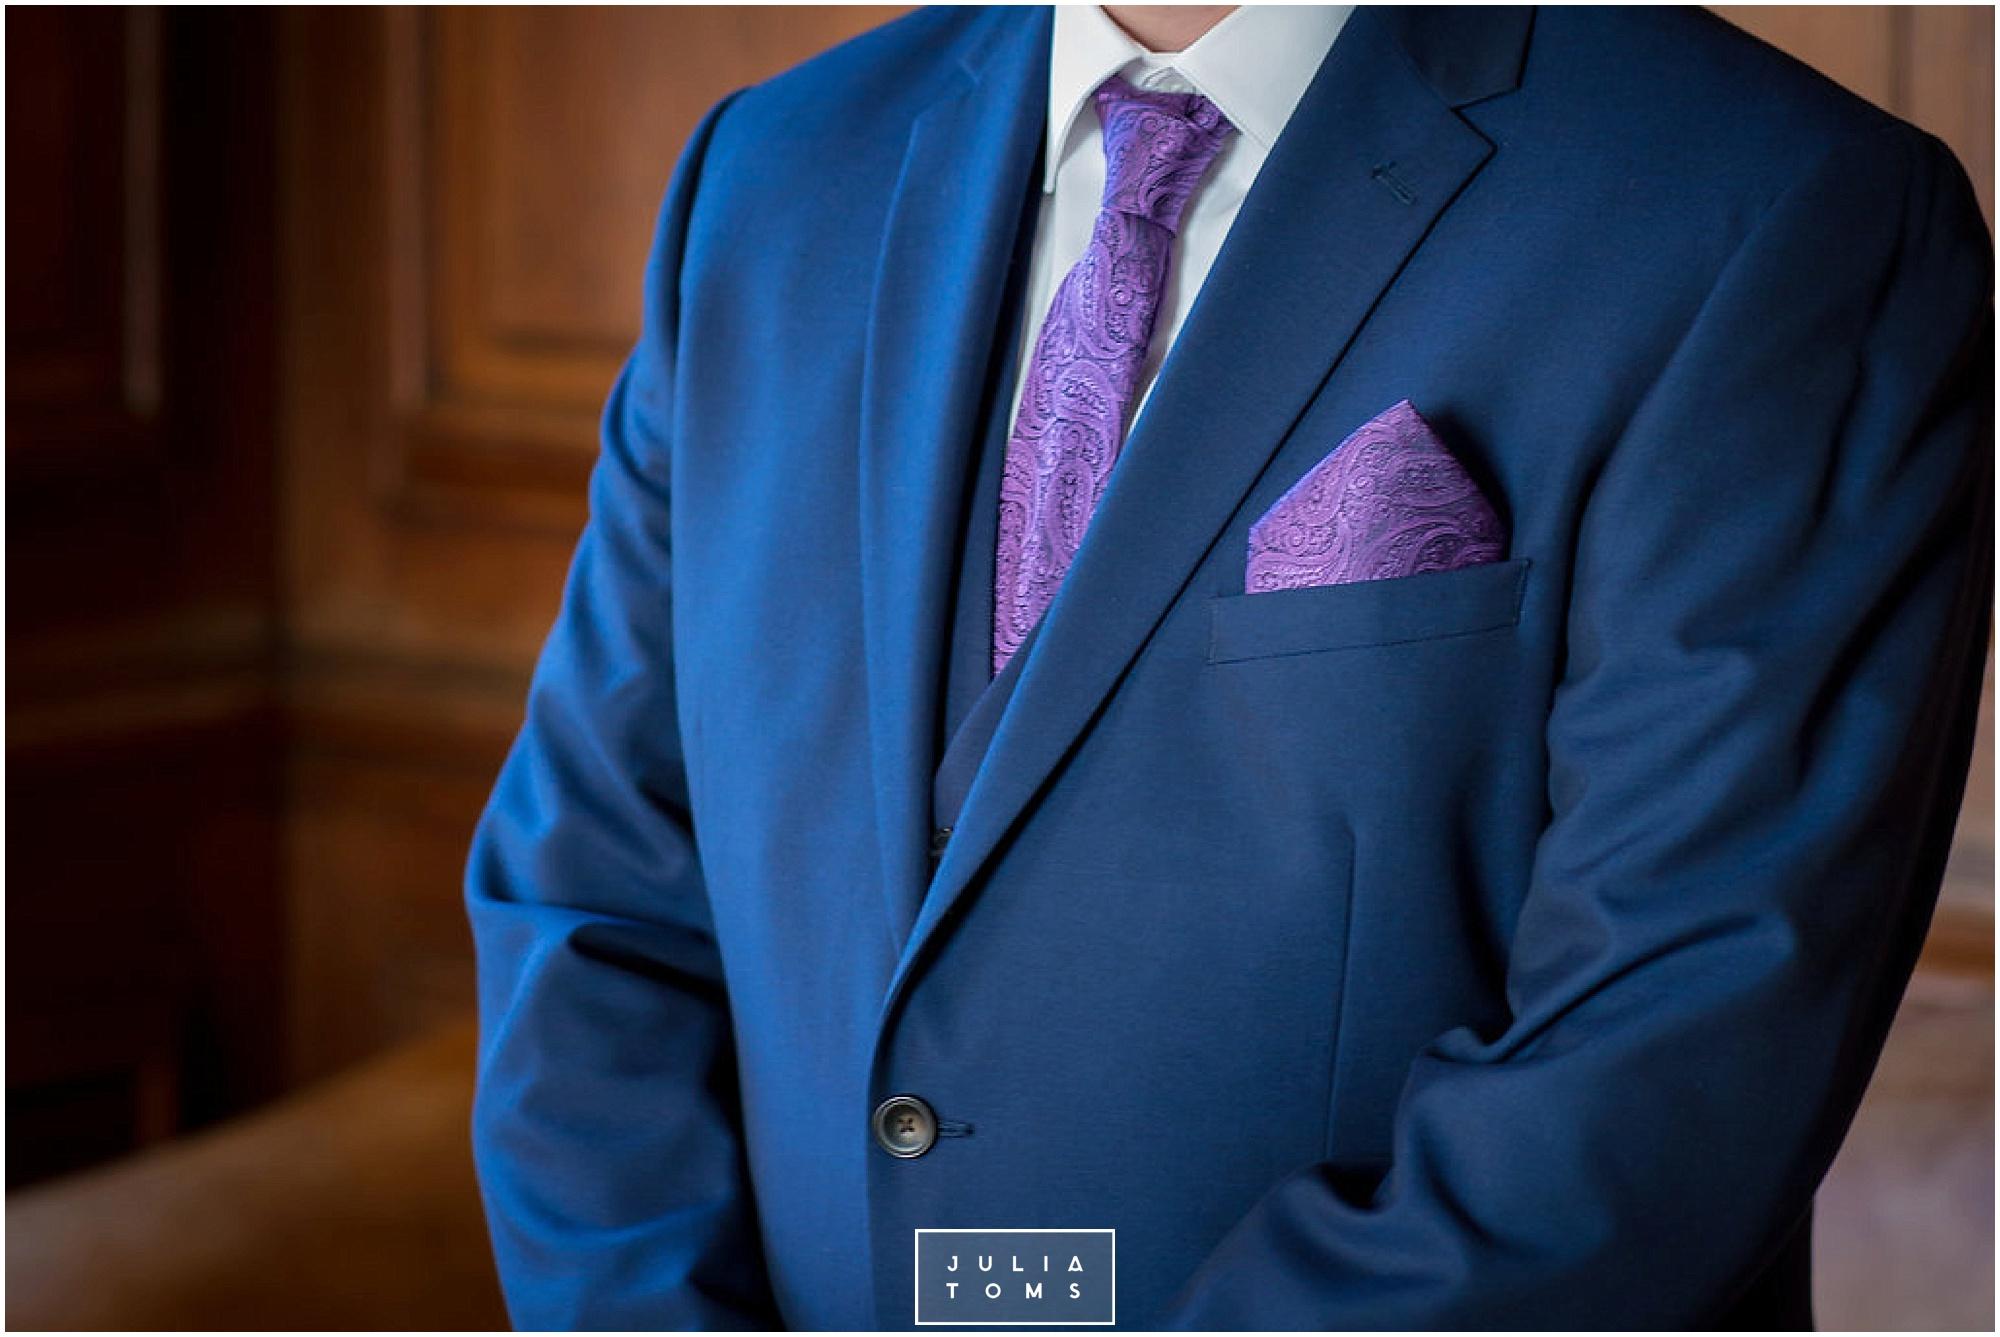 JuliaToms_chichester_wedding_photograher_edes_house_014.jpg